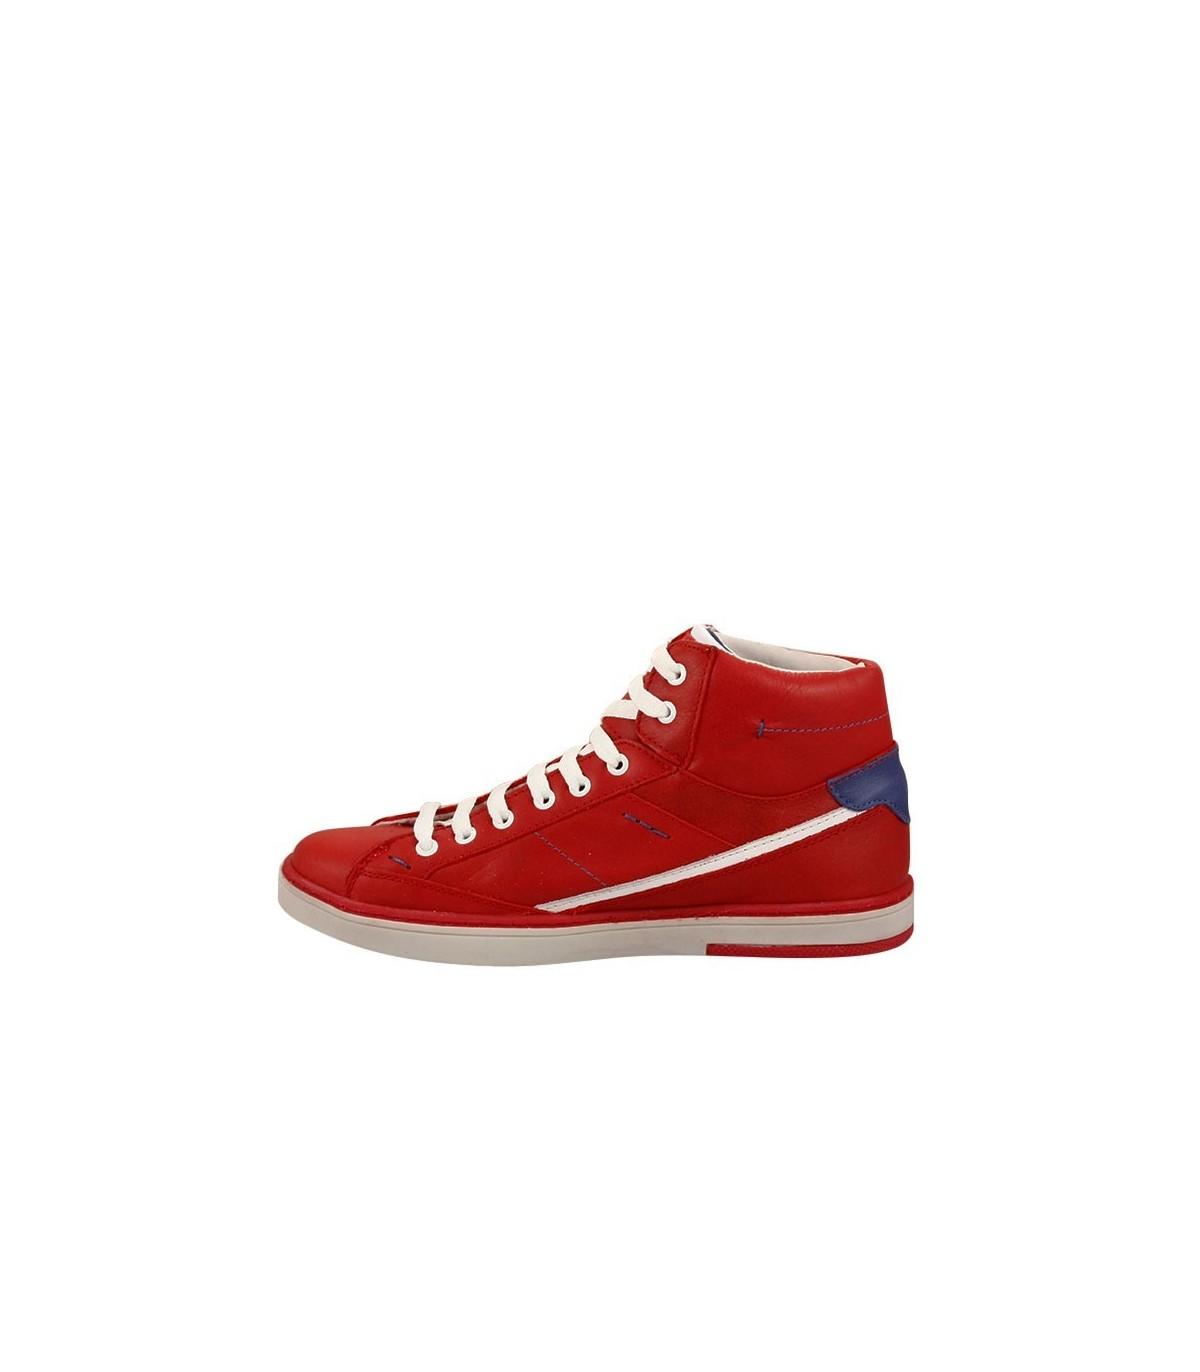 90c6cf83c Zapatillas botitas de cuero rojo